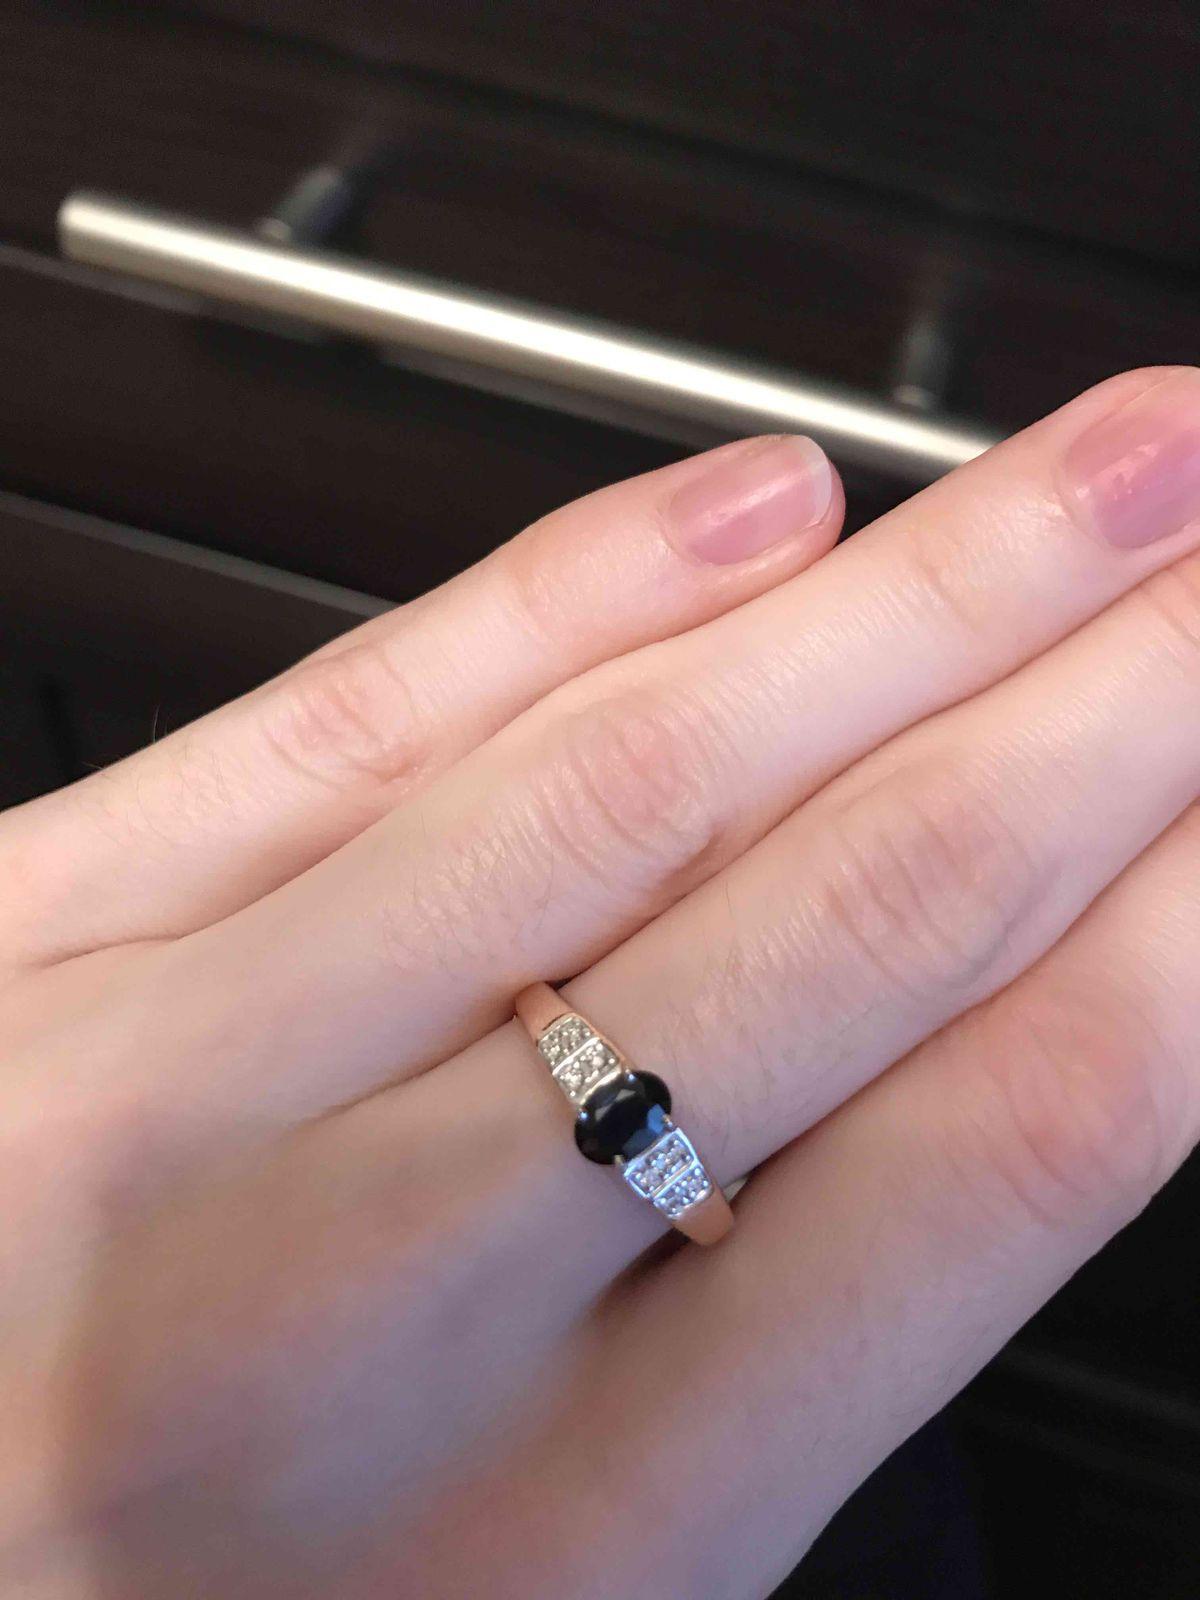 Безумно красивое и оригинальное кольцо